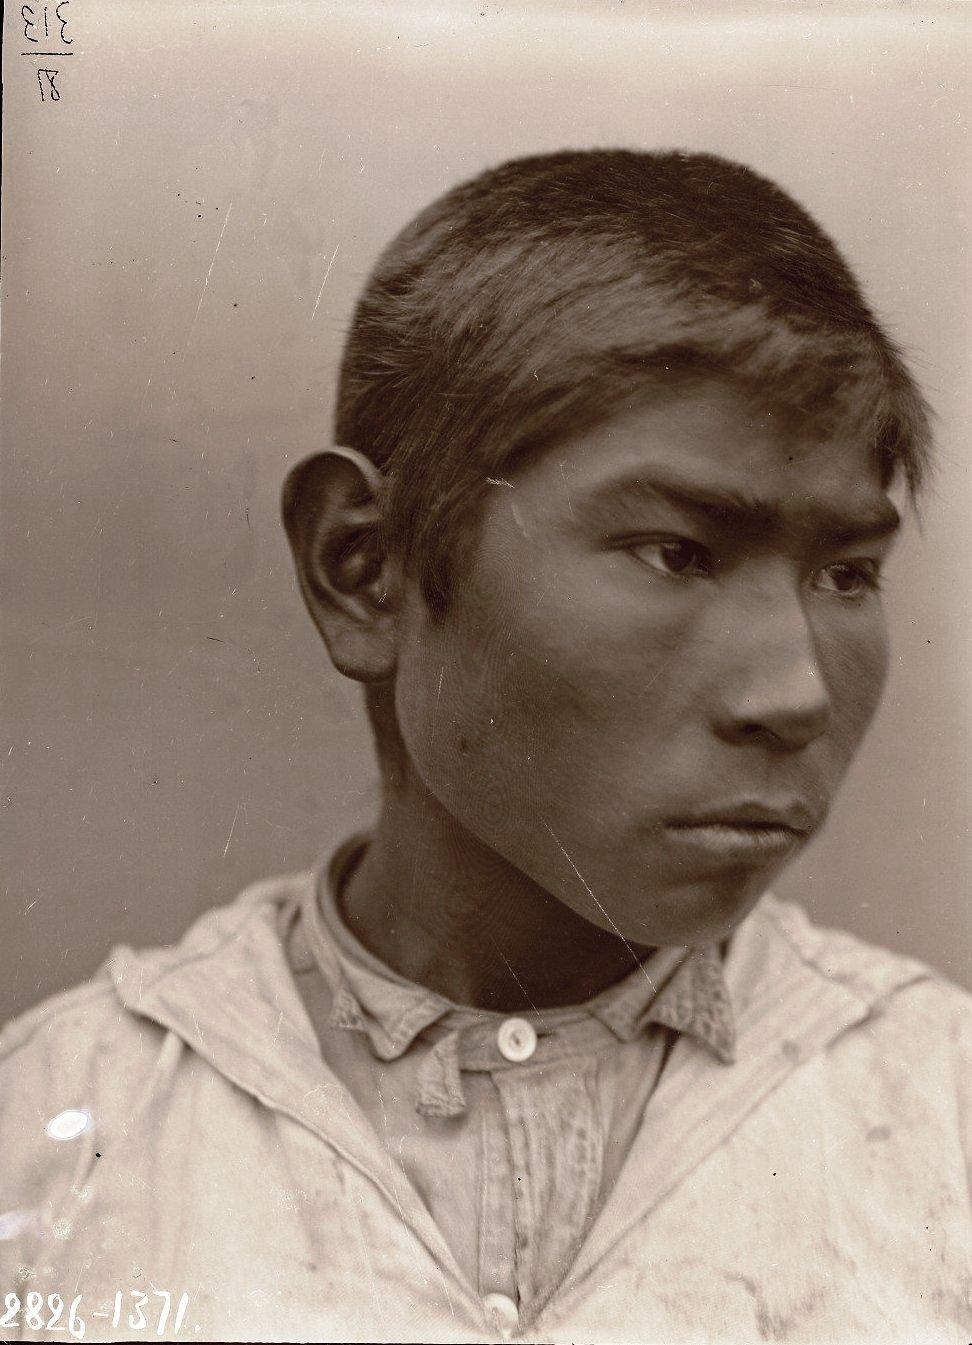 1909. Июнь - июль. Егор Кауров. Атту остров